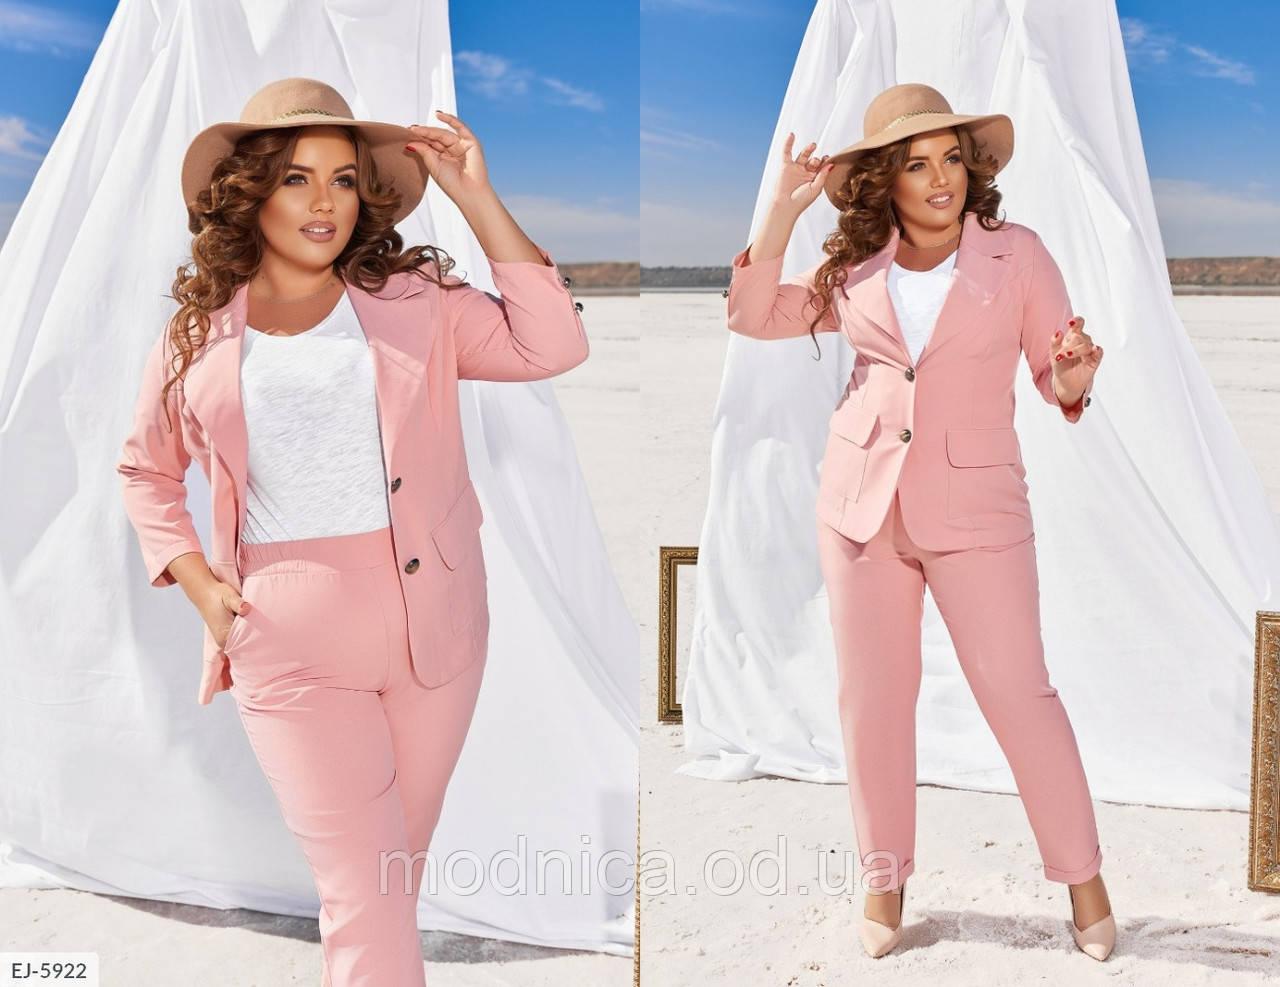 Жіночий костюм-двійка брюки і піджак батал, розміри 48, 50, 52, 54